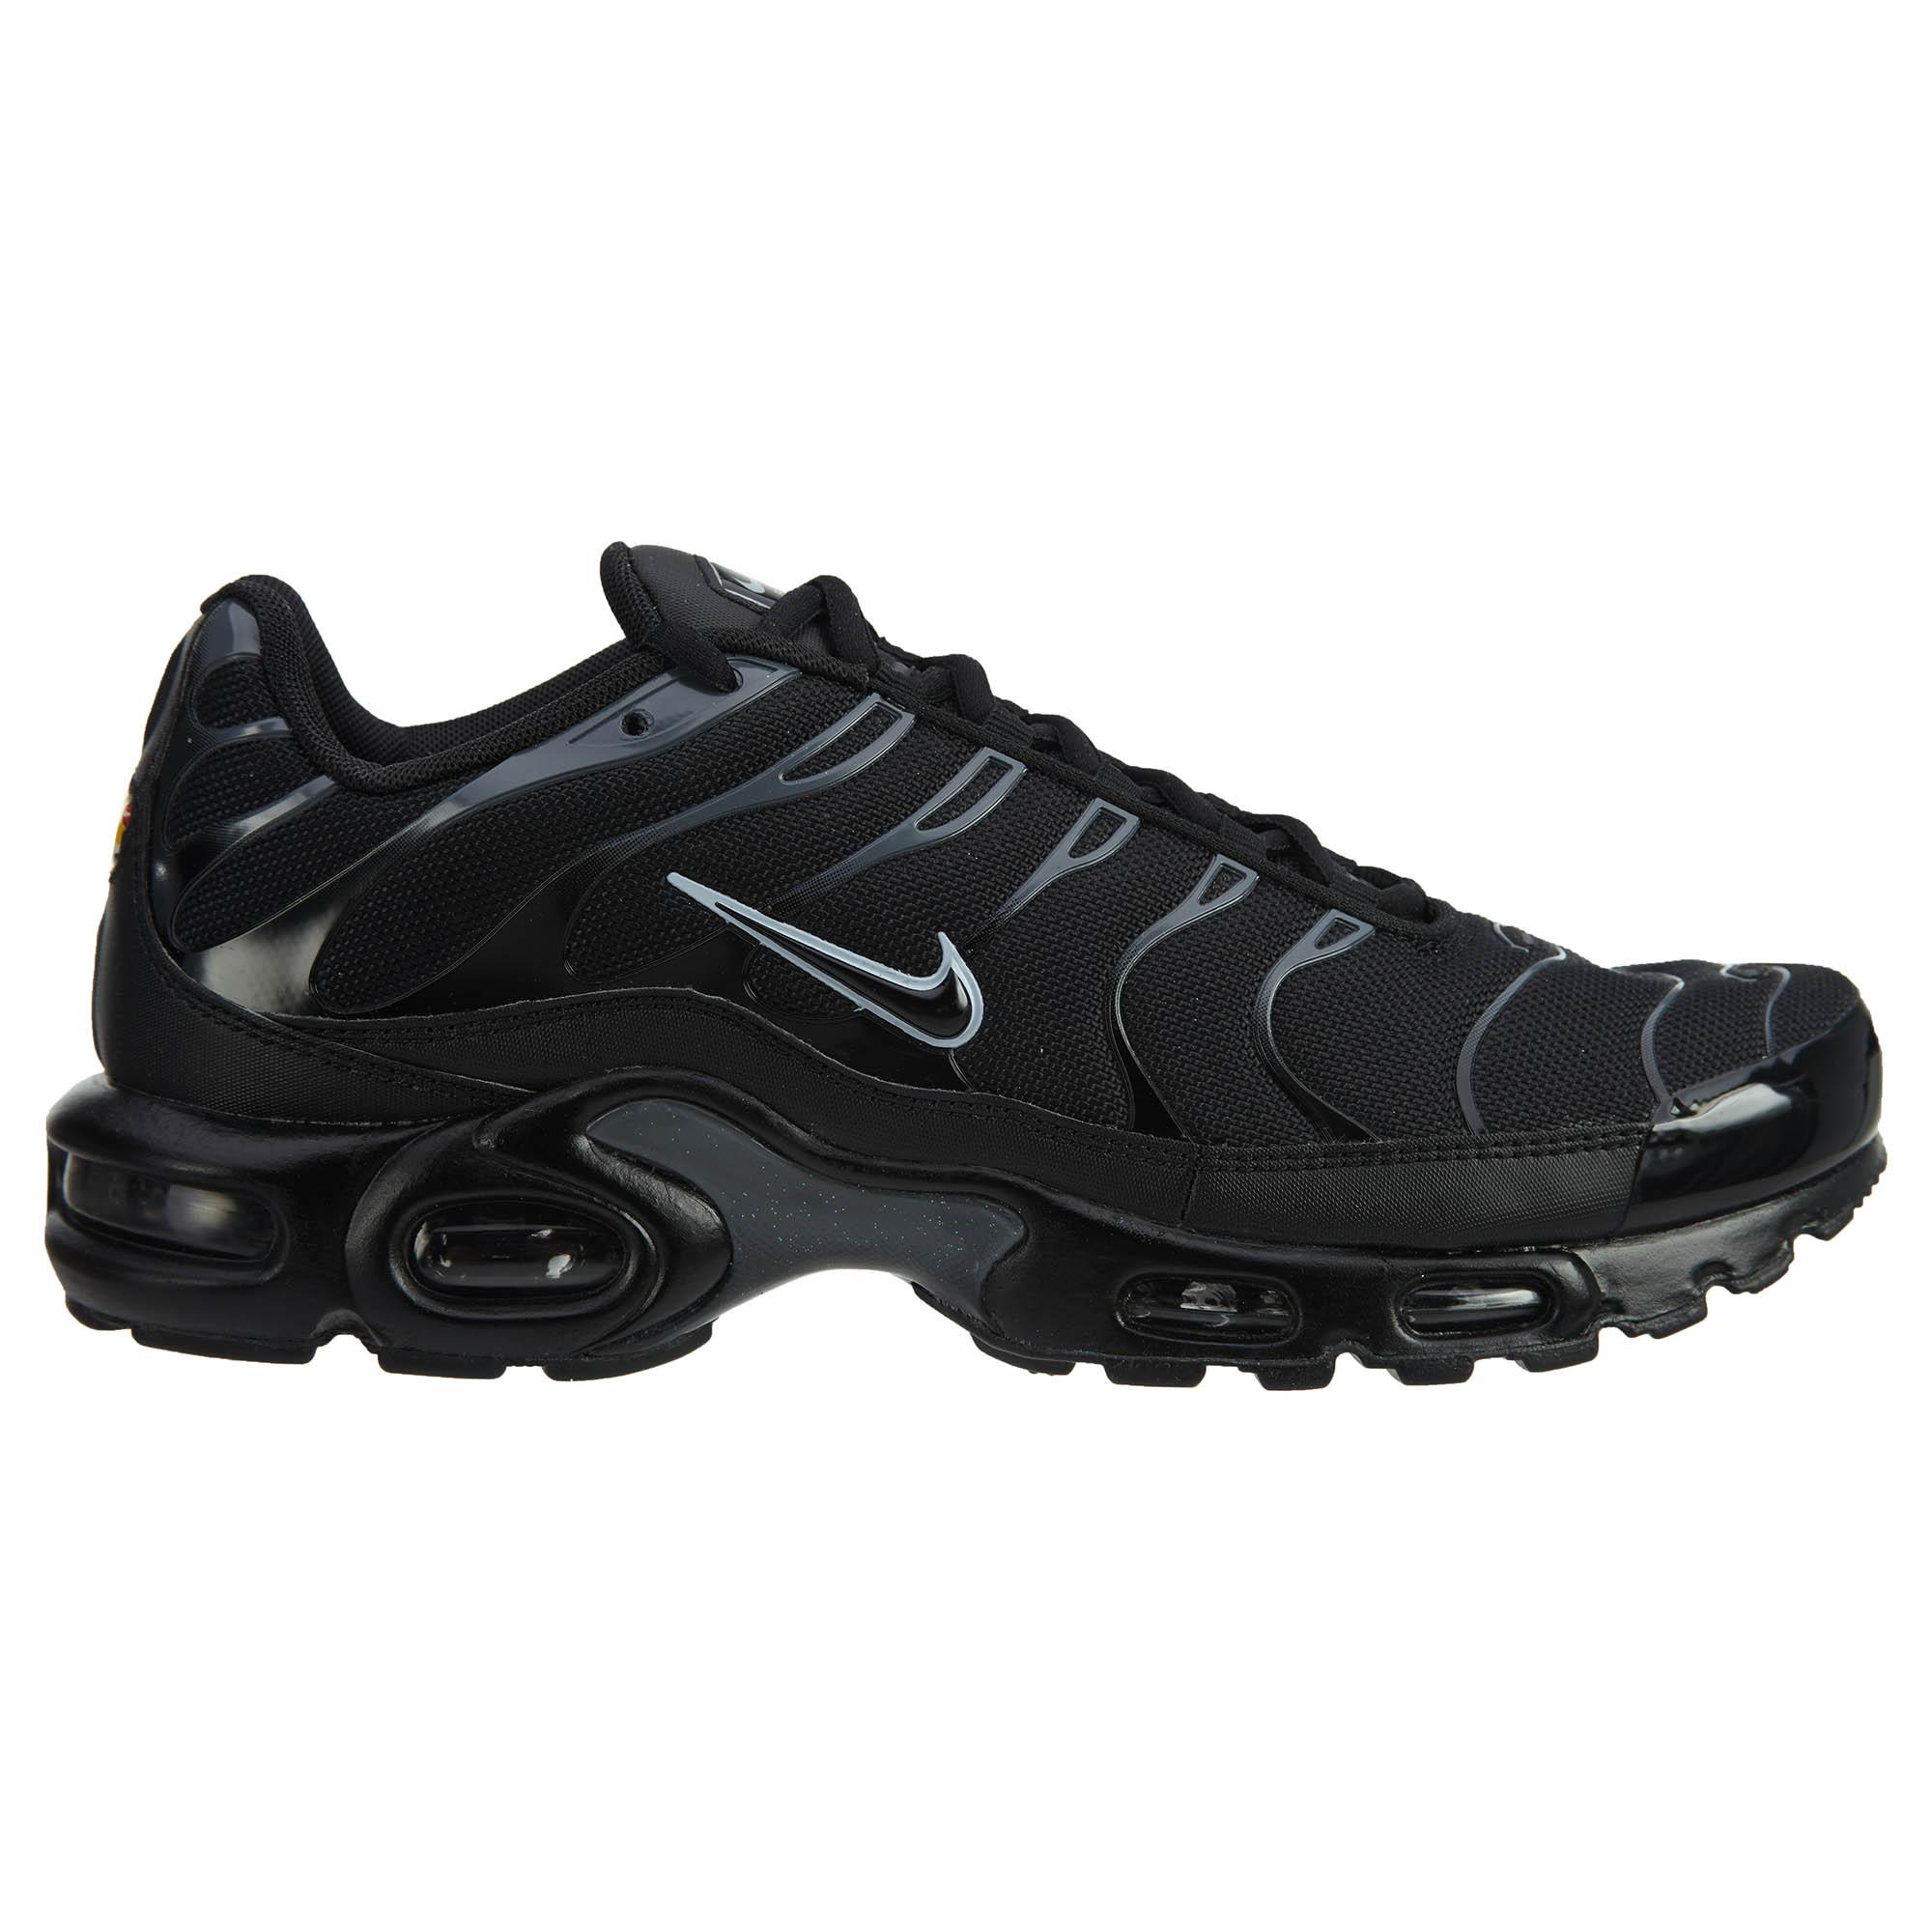 Nike Air Max Plus Black/Black/Pure Platinum - 852630-011